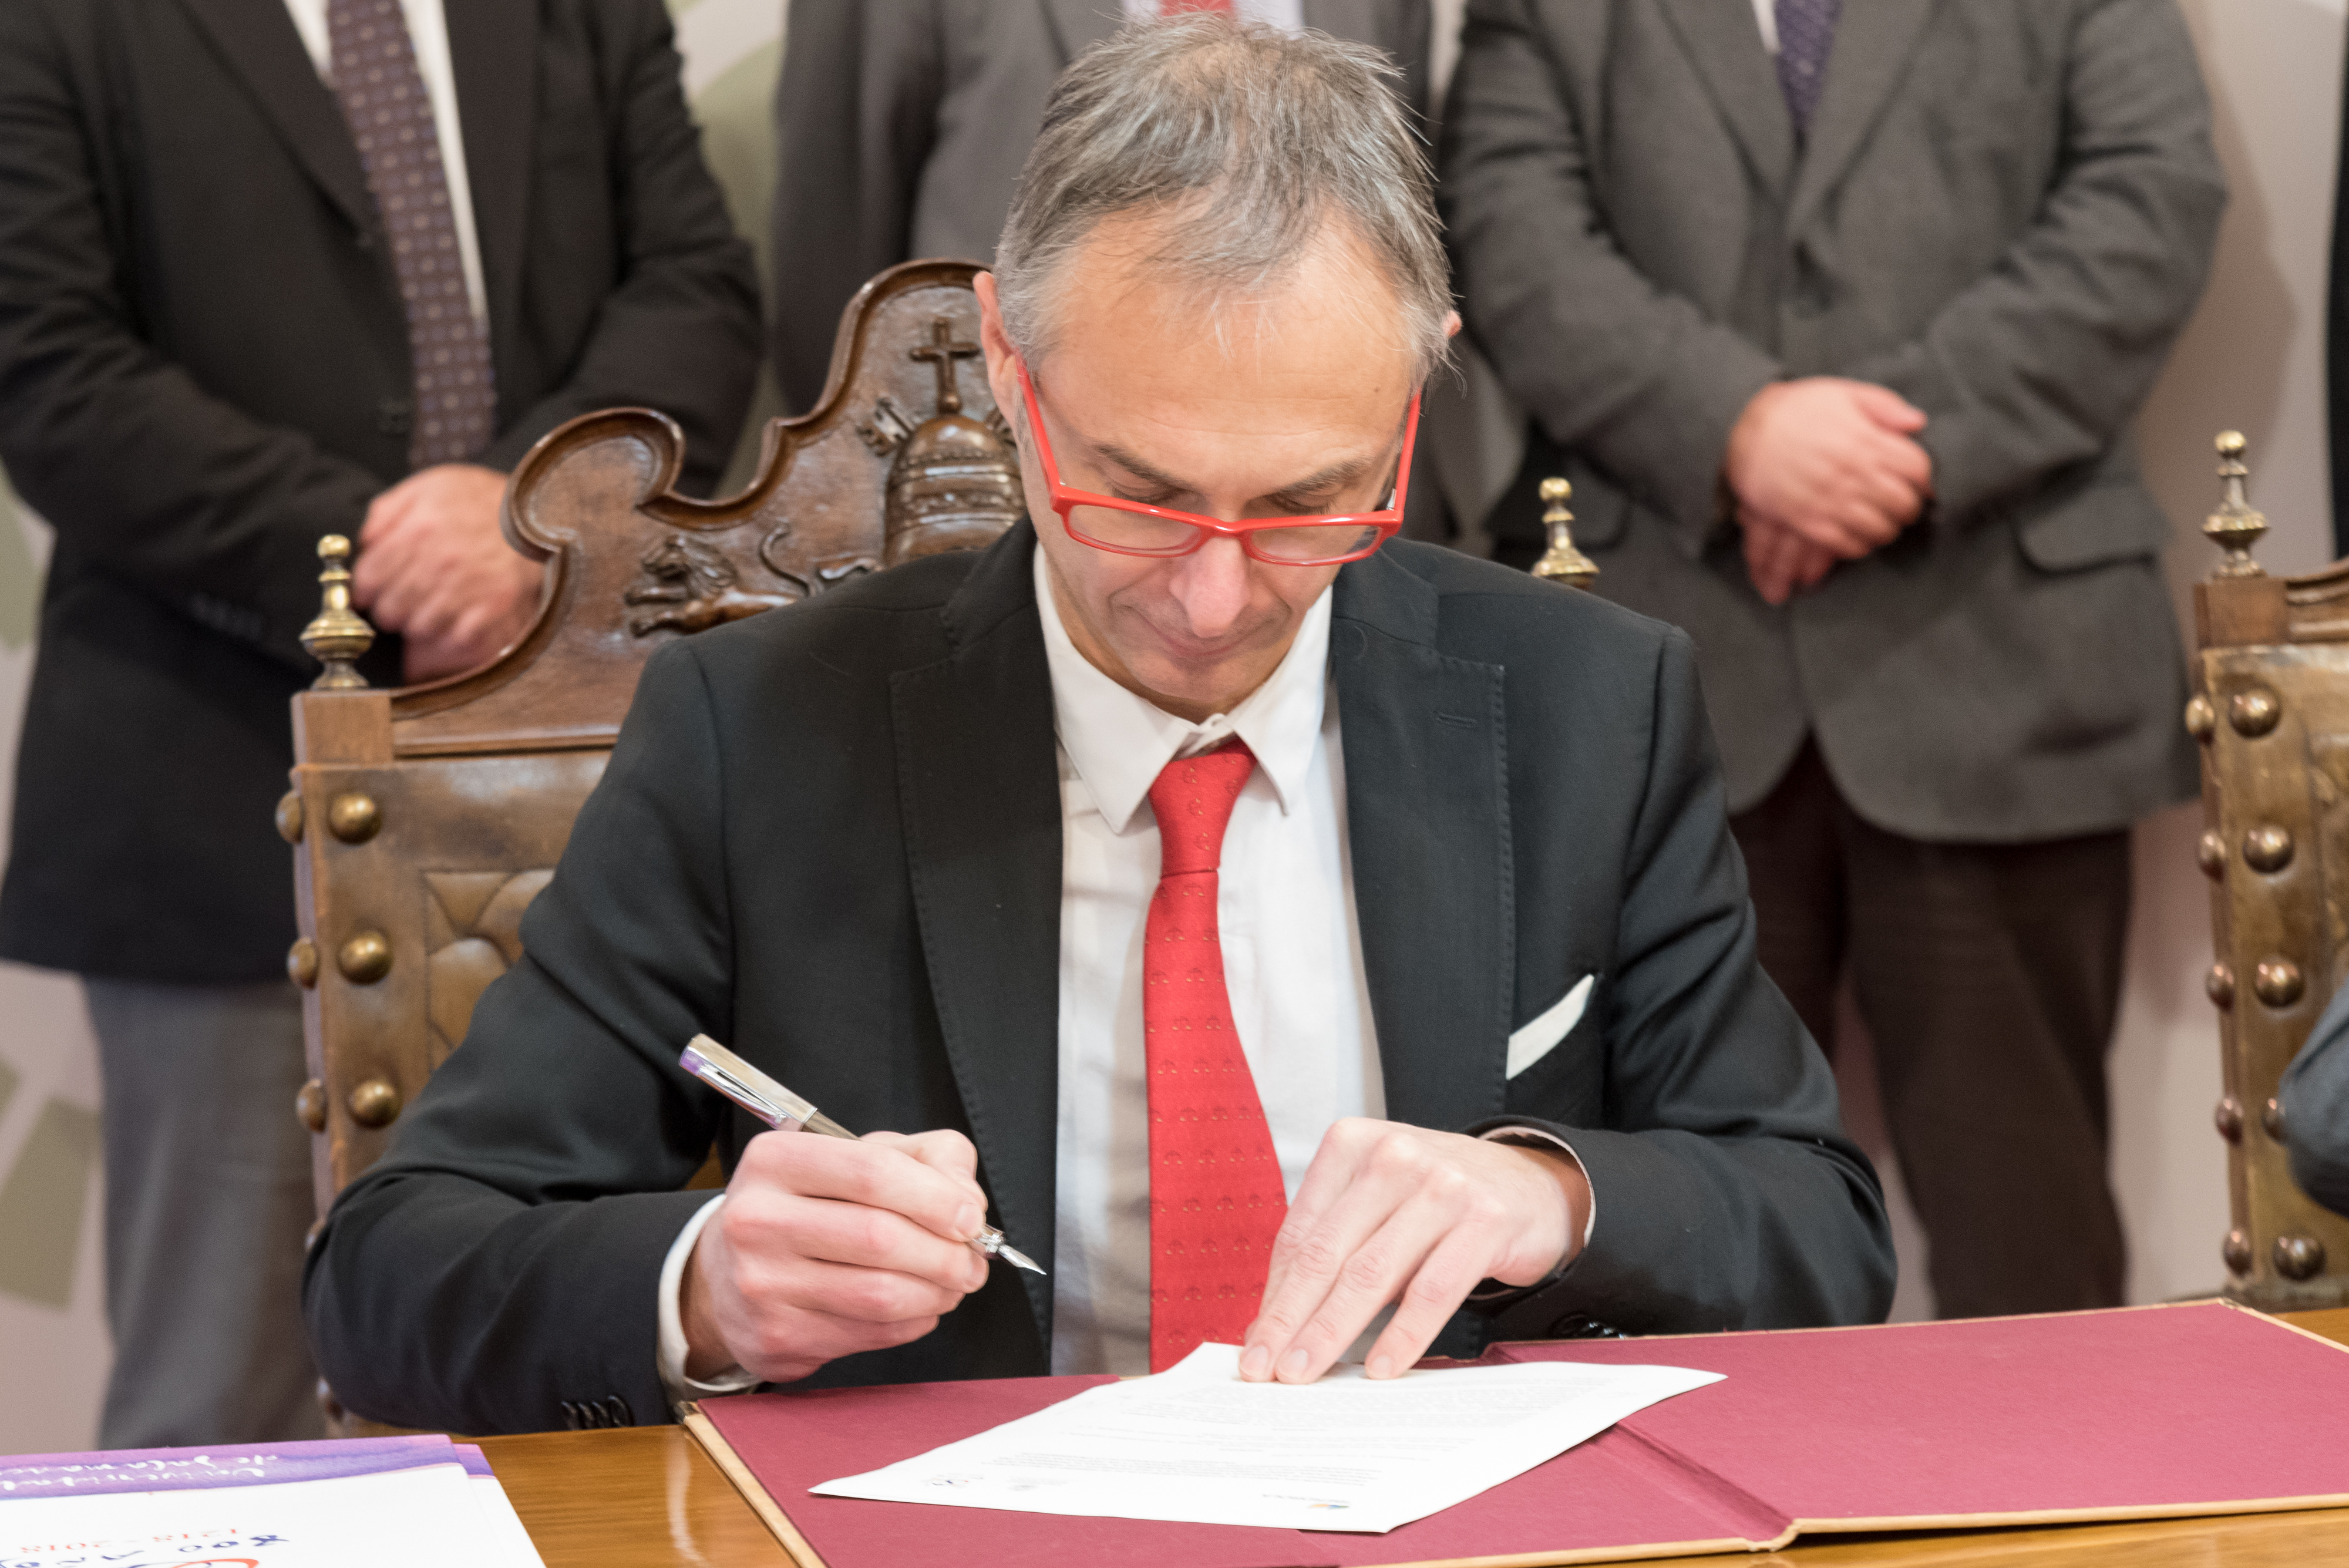 La Universidad de Salamanca e Iberdrola firman un acuerdo para la celebración de la Conferencia Iberoamericana sobre Objetivos de Desarrollo Sostenible